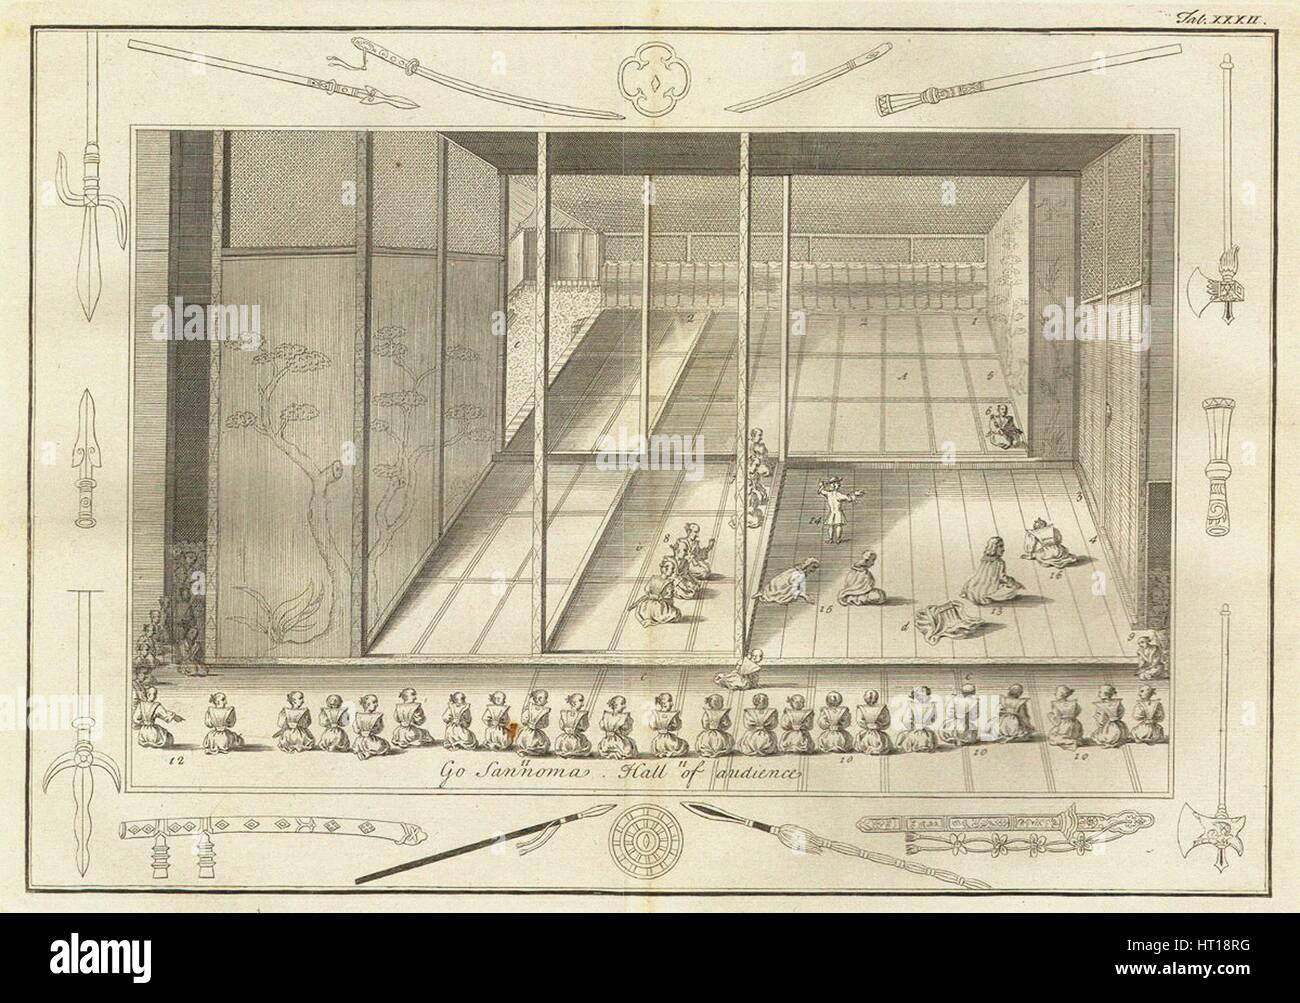 Die Halle des Publikums der niederländischen Botschafter. (Aus der Geschichte Japans von Engelbert Kaempfer) Stockbild